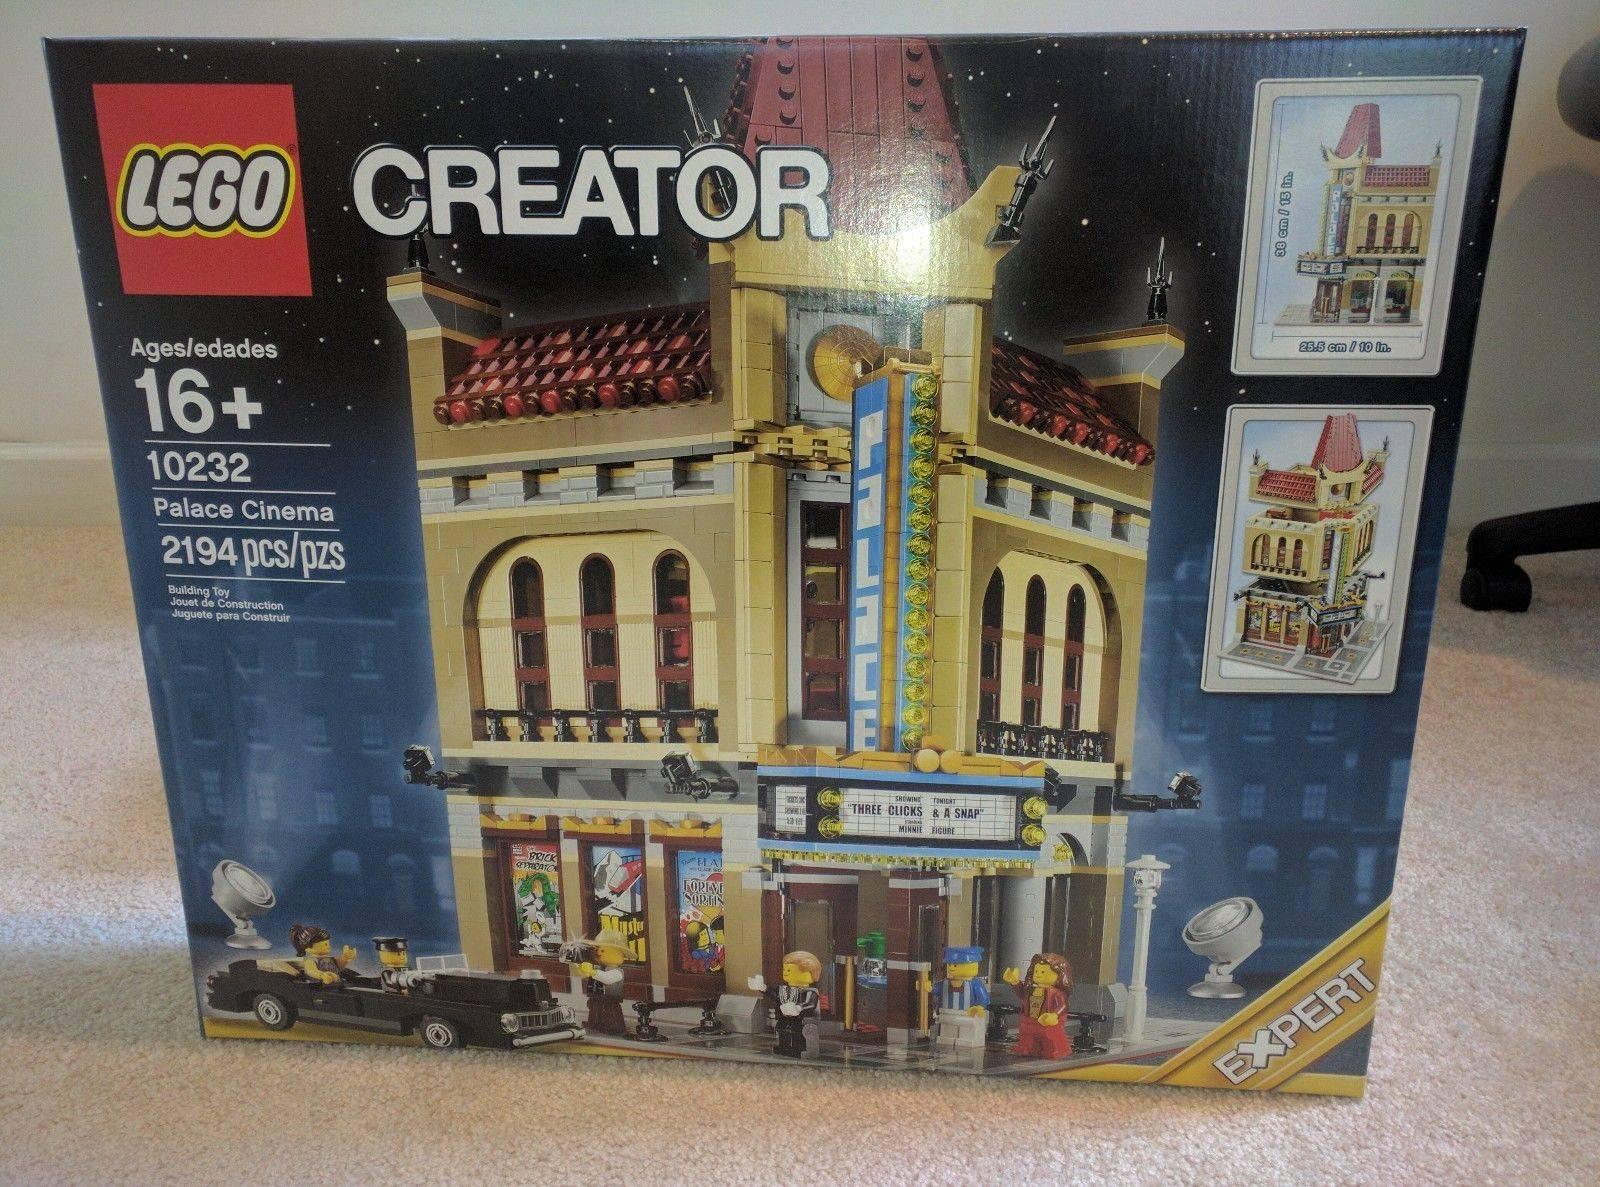 Lego 10232 Creator Palace Cinema Set